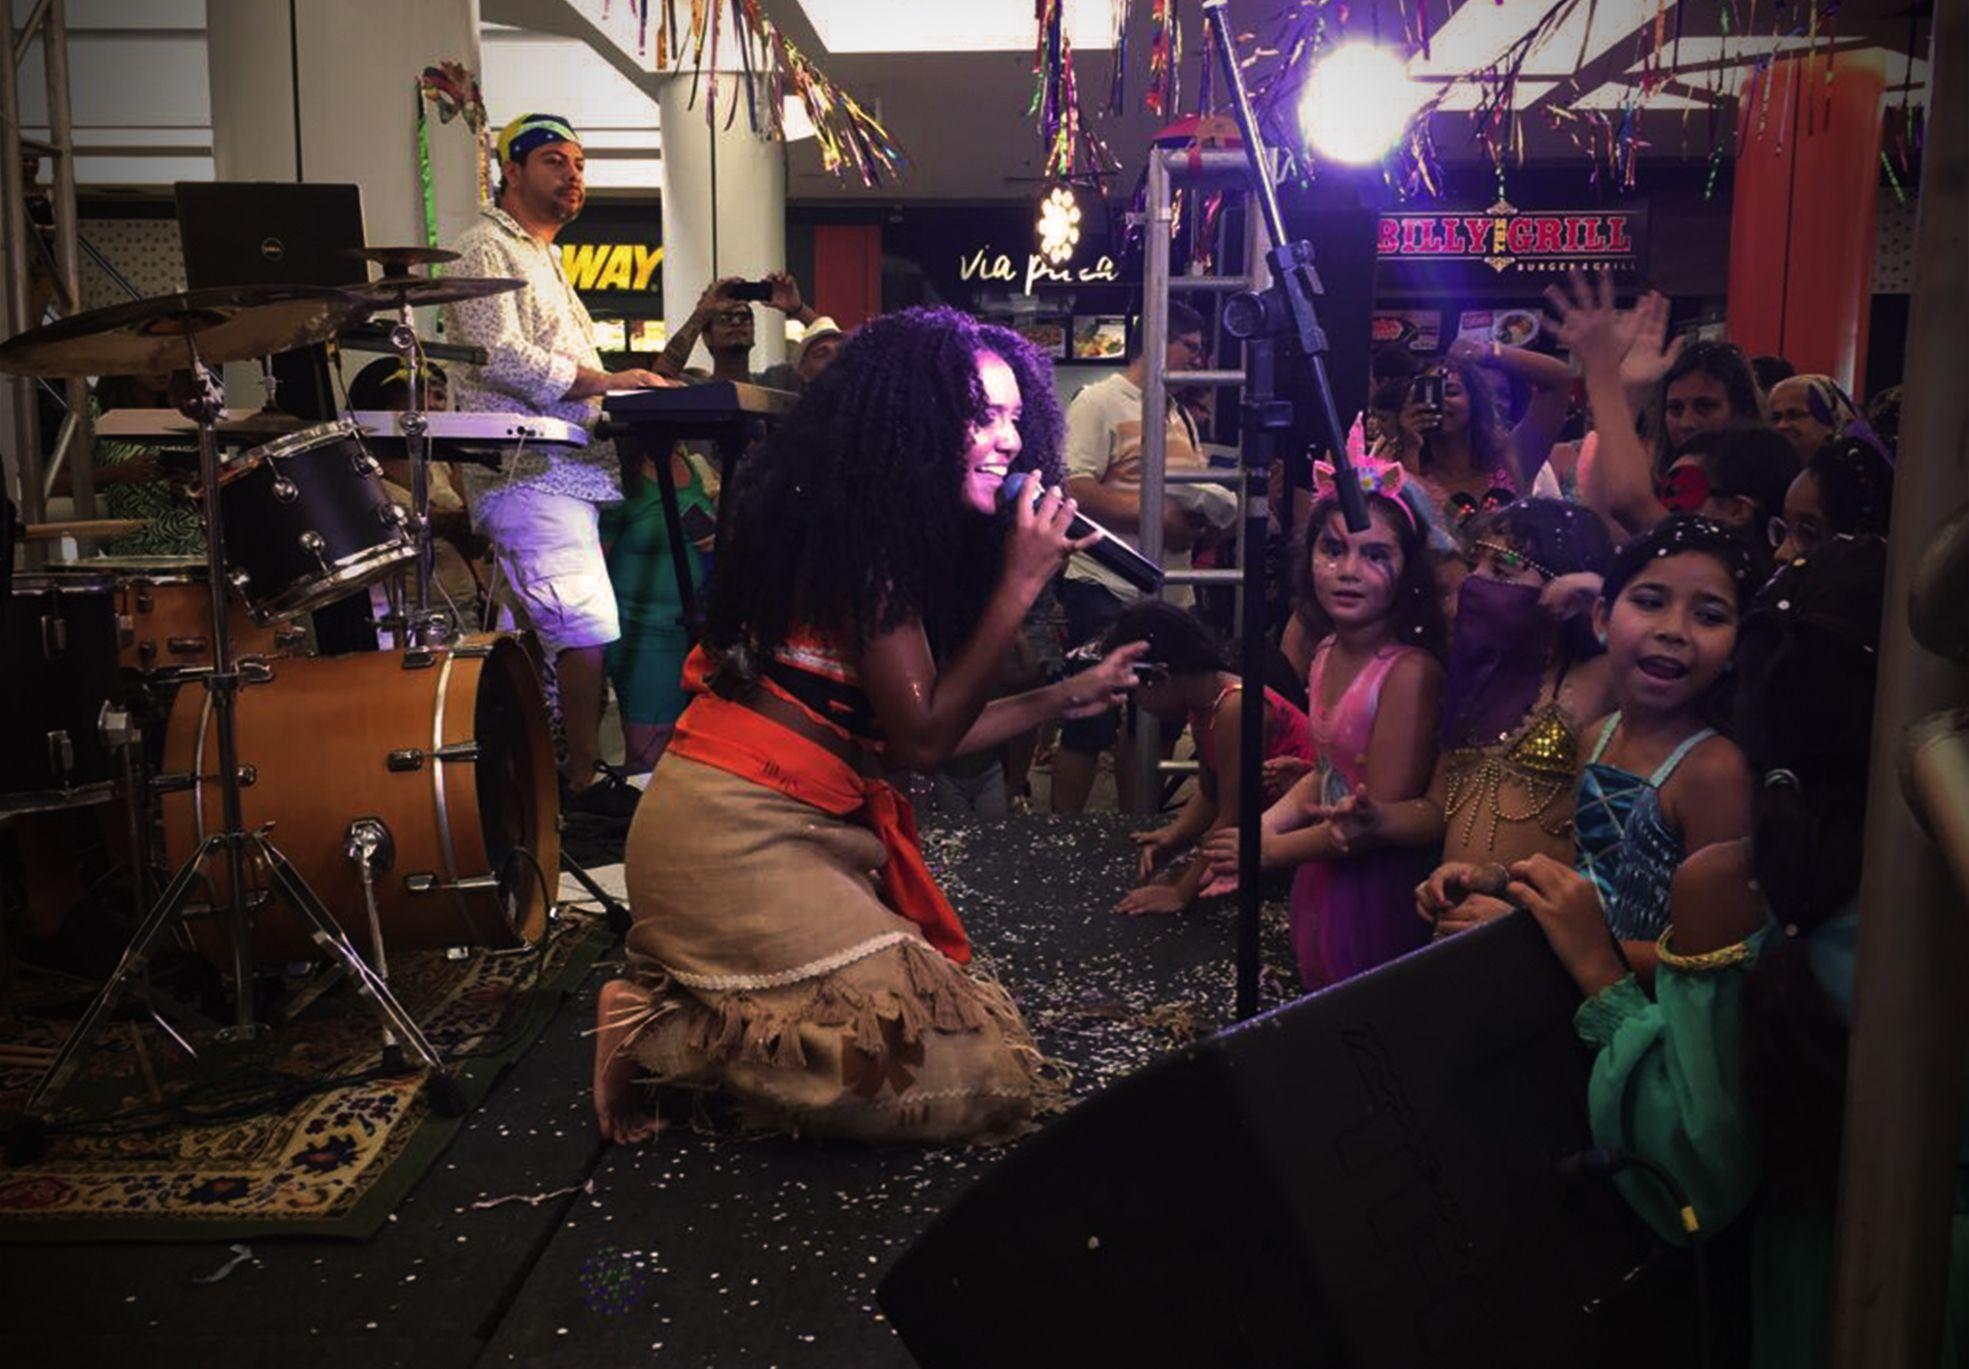 Evento Bailinho de Carnaval Shopping Via Brasil - Agência DosReis Live Marketing